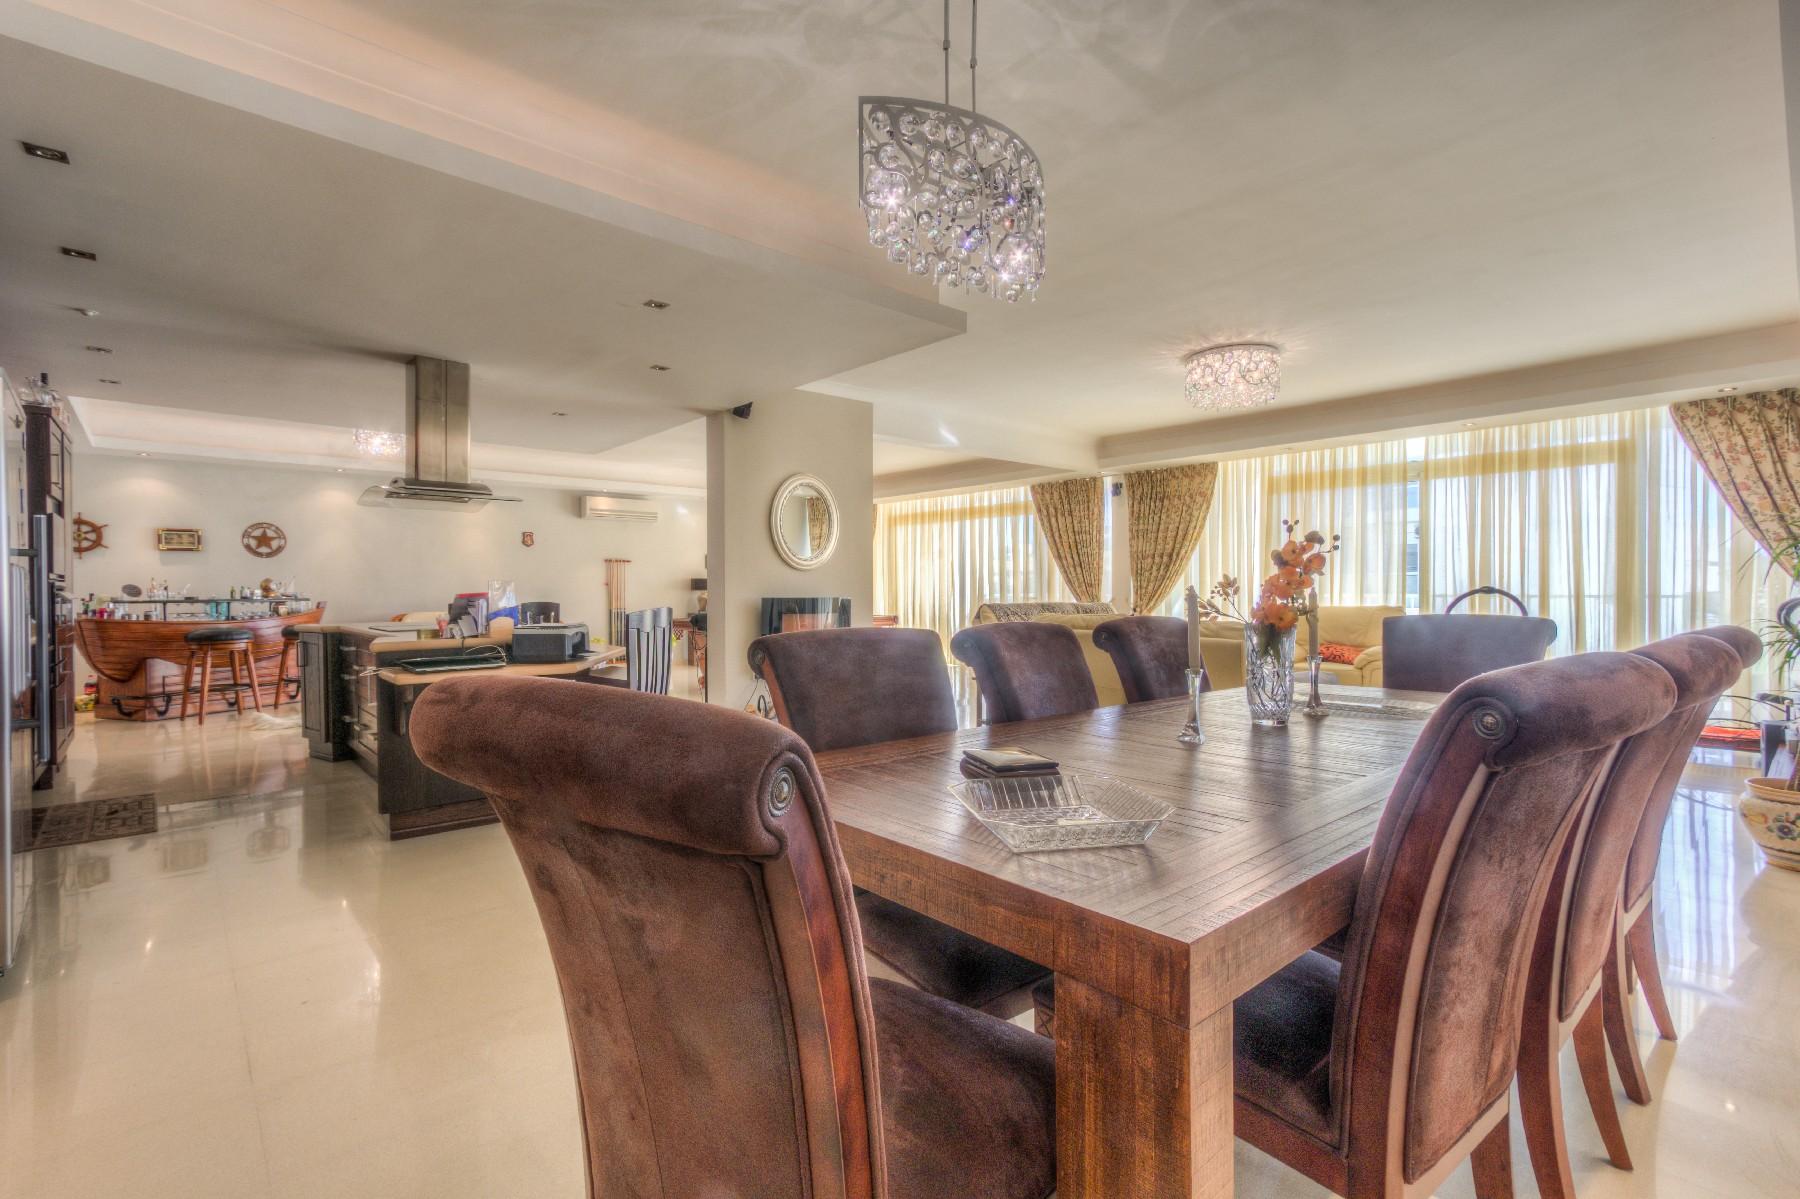 Malta Property for sale in Malta, Ibragg